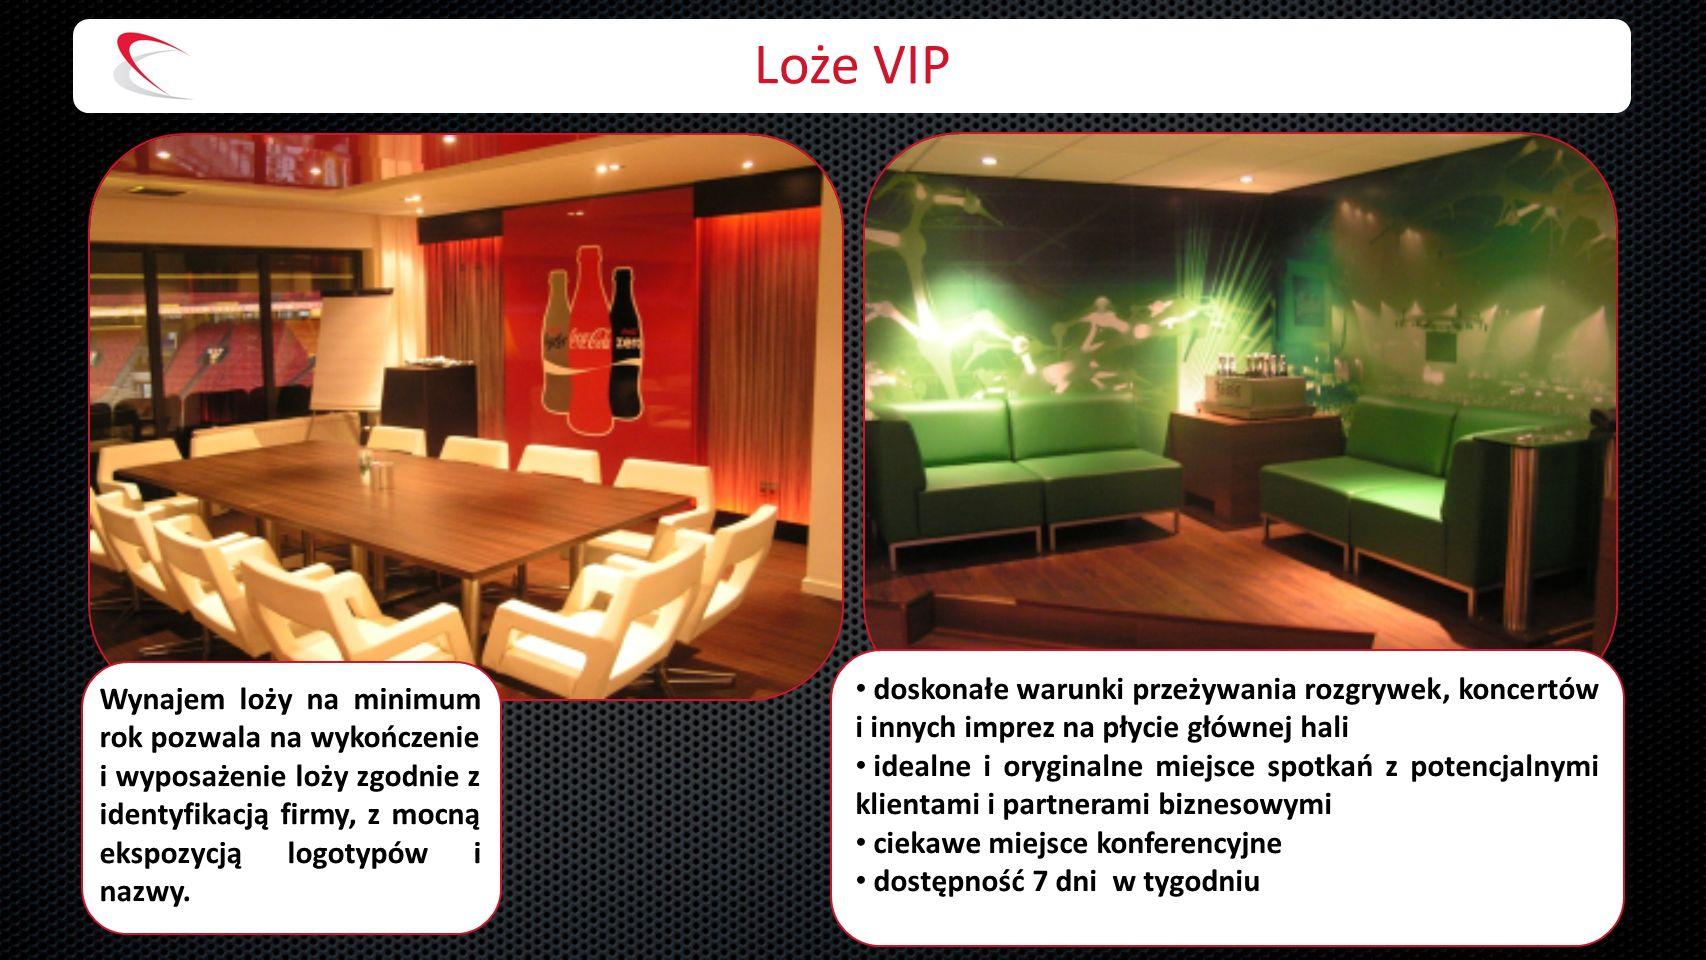 Loże VIP Wynajem loży na minimum rok pozwala na wykończenie i wyposażenie loży zgodnie z identyfikacją firmy, z mocną ekspozycją logotypów i nazwy.